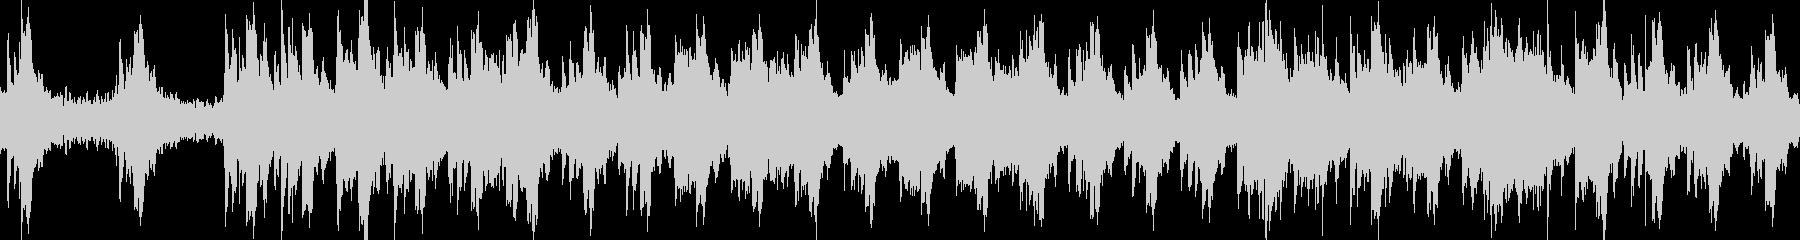 ヒーリング 癒やし ピアノ ハープループの未再生の波形